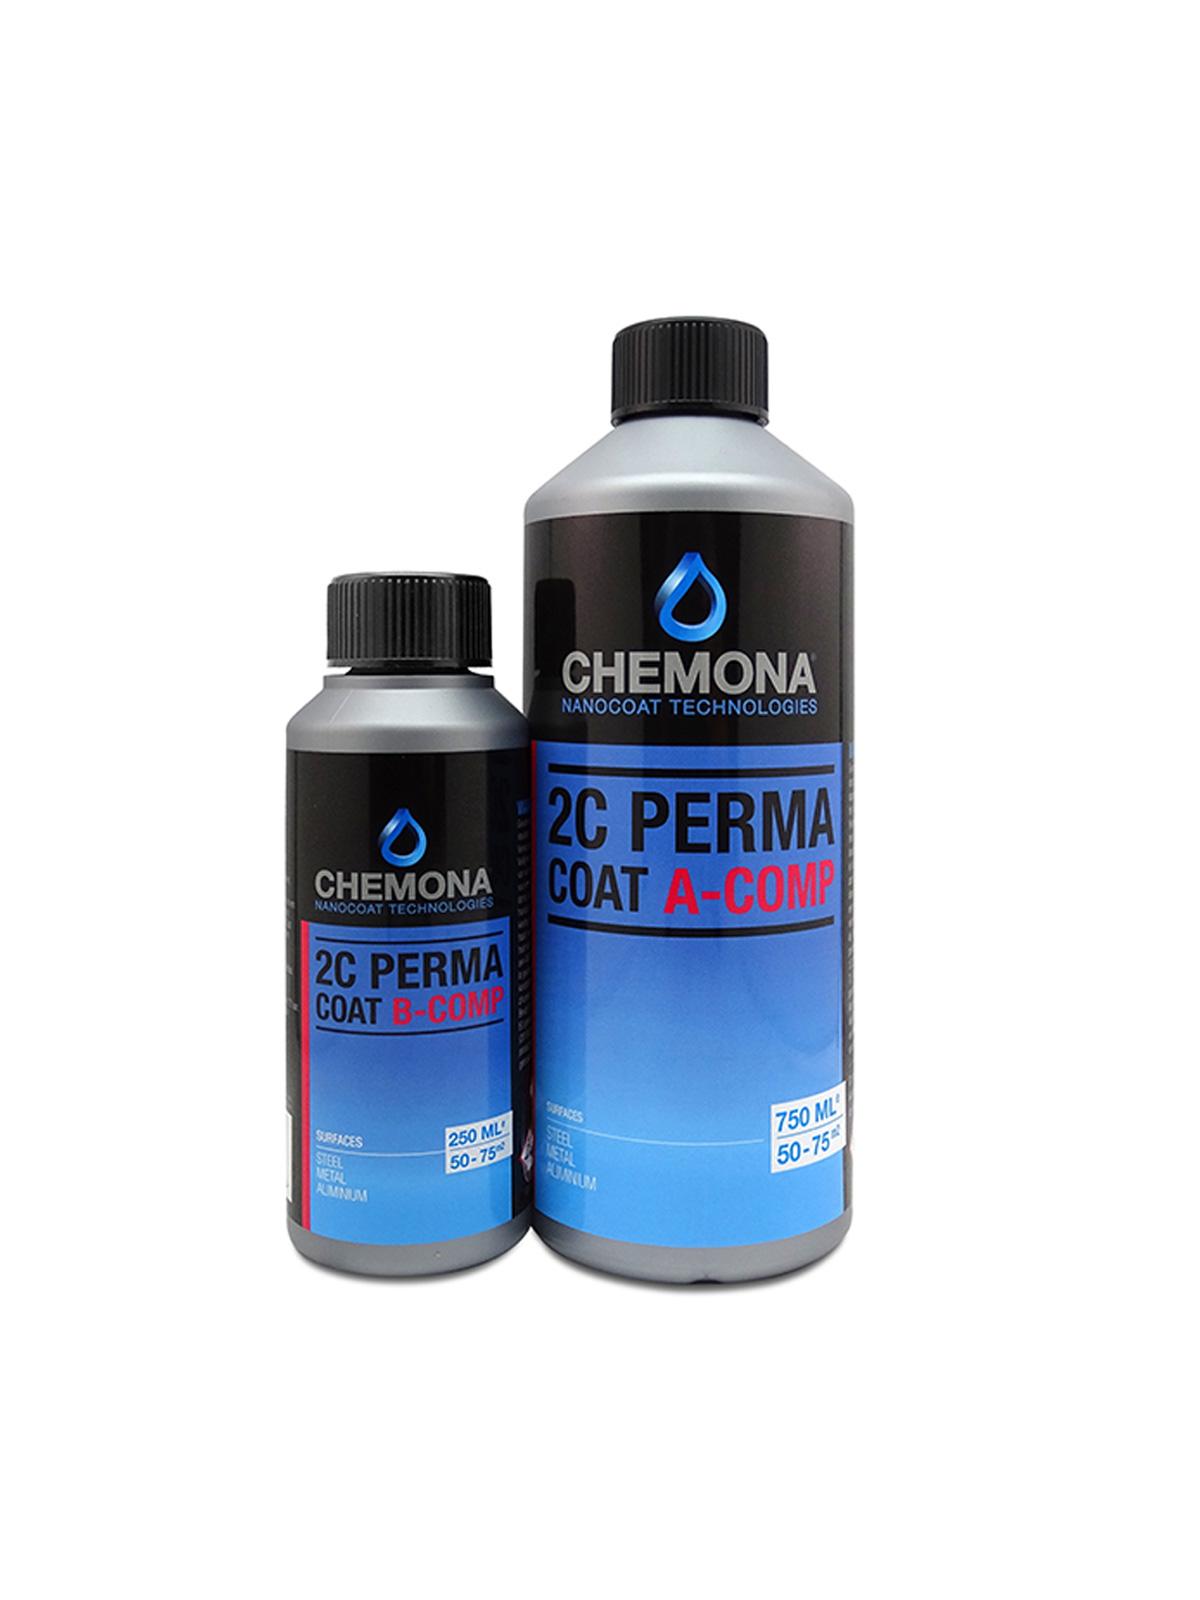 Chemona 2C Perma Coat Gloss